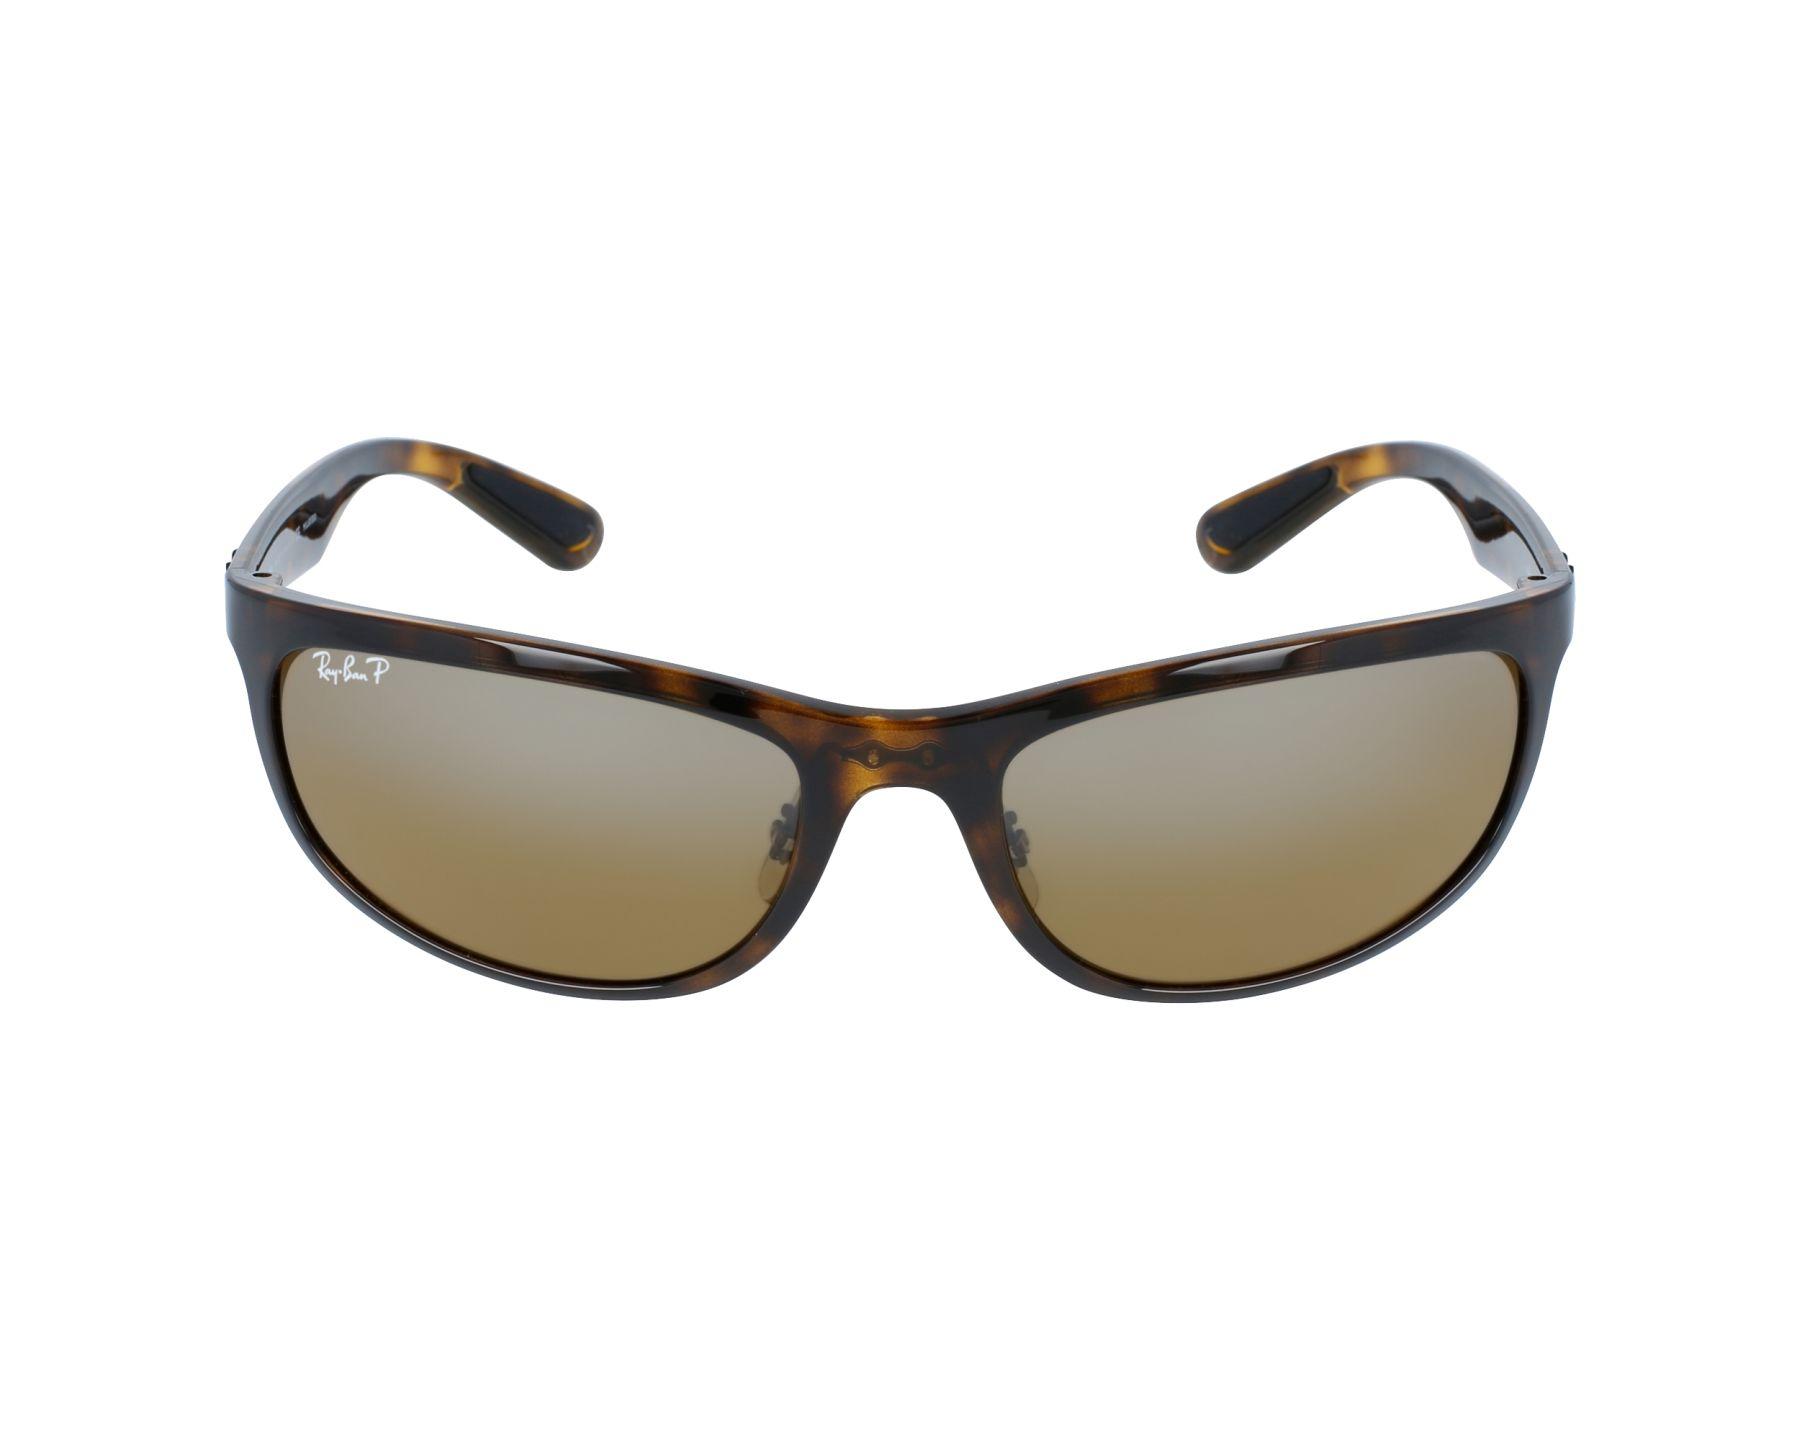 e3e22de4cb thumbnail Sunglasses Ray-Ban RB-4265 710 A2 - Havana profile view